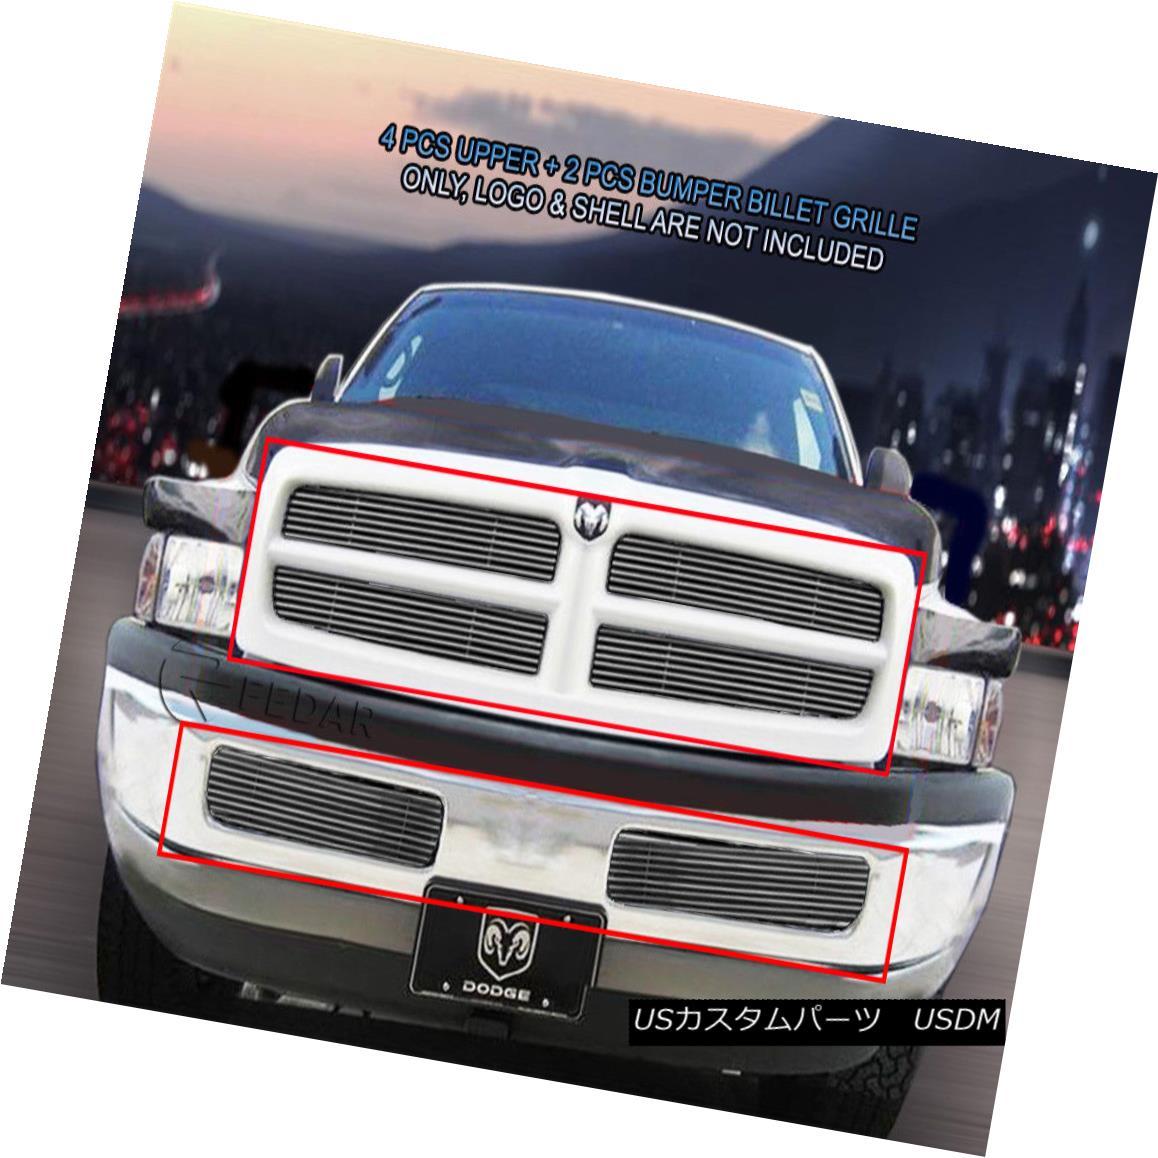 グリル 99-01 Dodge Ram Sport Billet Grille Grill Combo Insert 6 Pcs Fedar 99-01ダッジラムスポーツビレットグリルグリルコンボインサート6個入りFedar